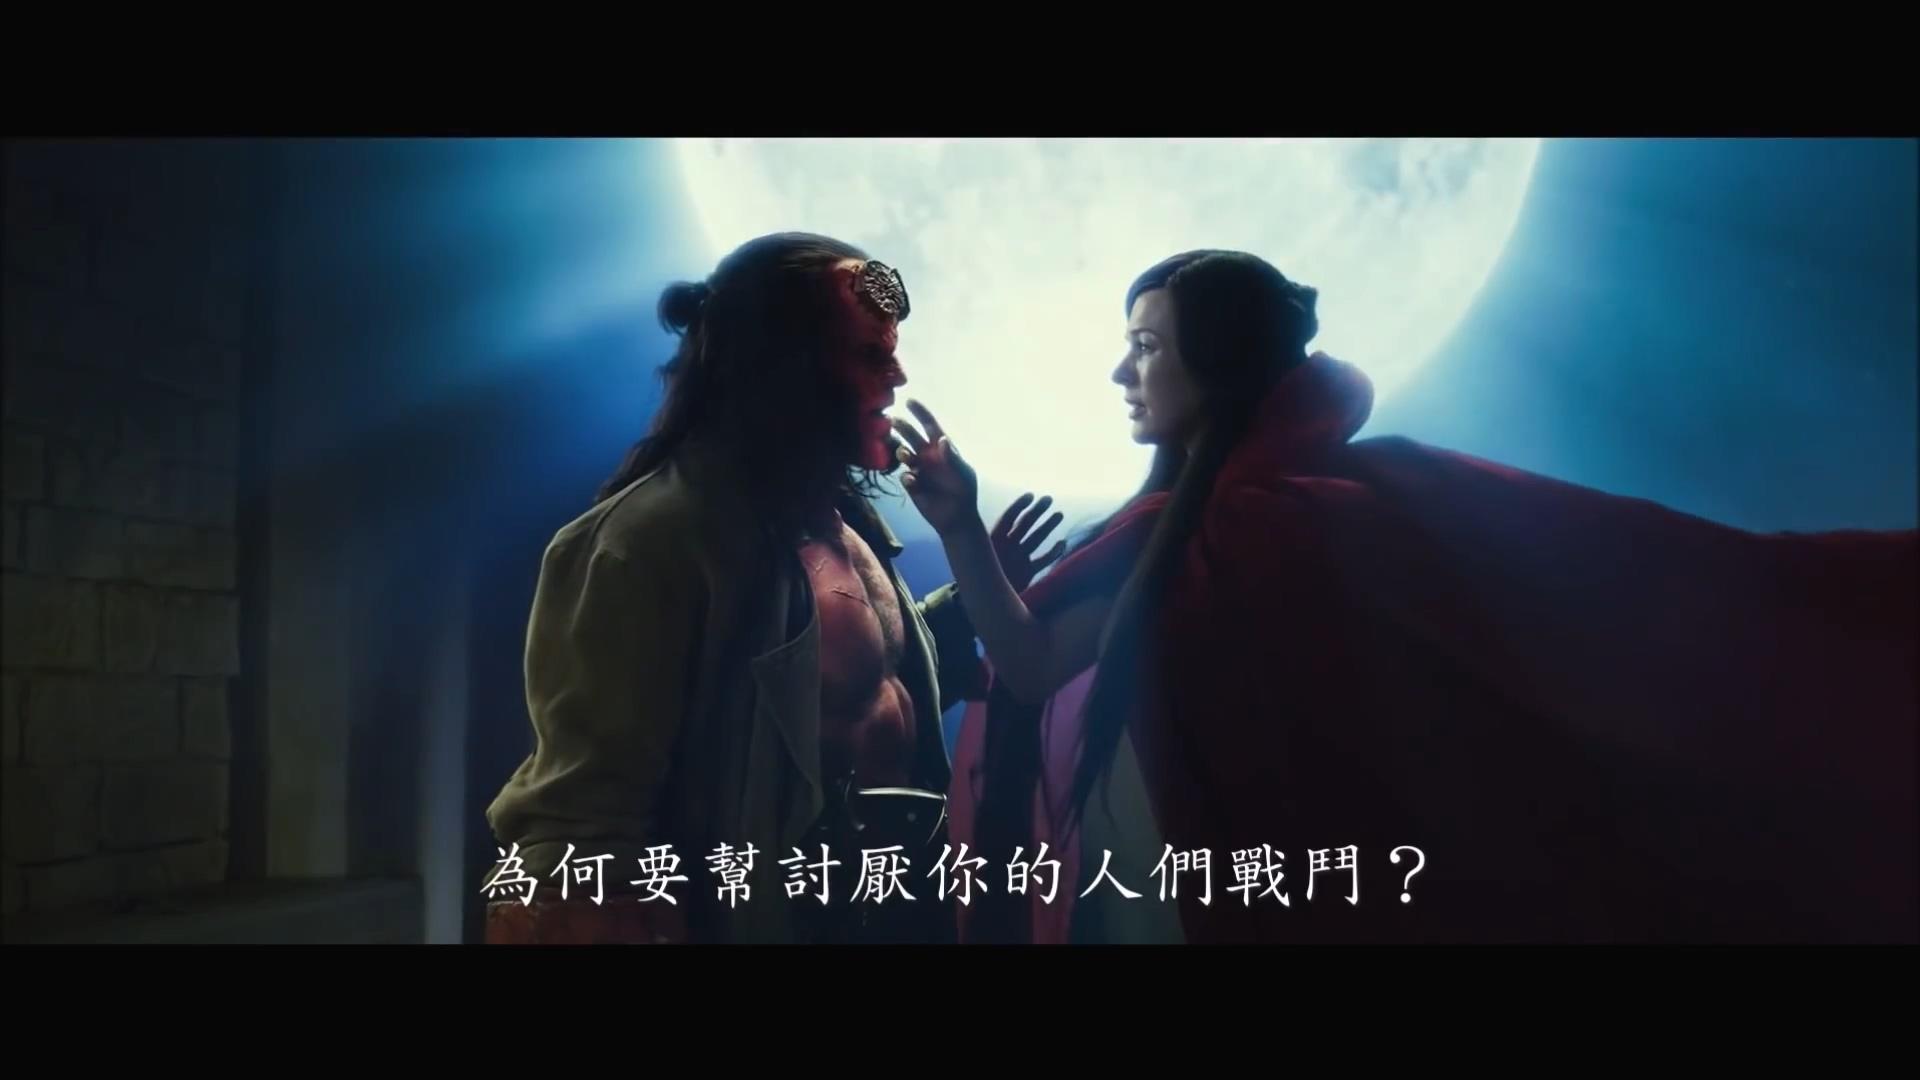 帅炸!《地狱男爵:血皇后崛起》中字版预告